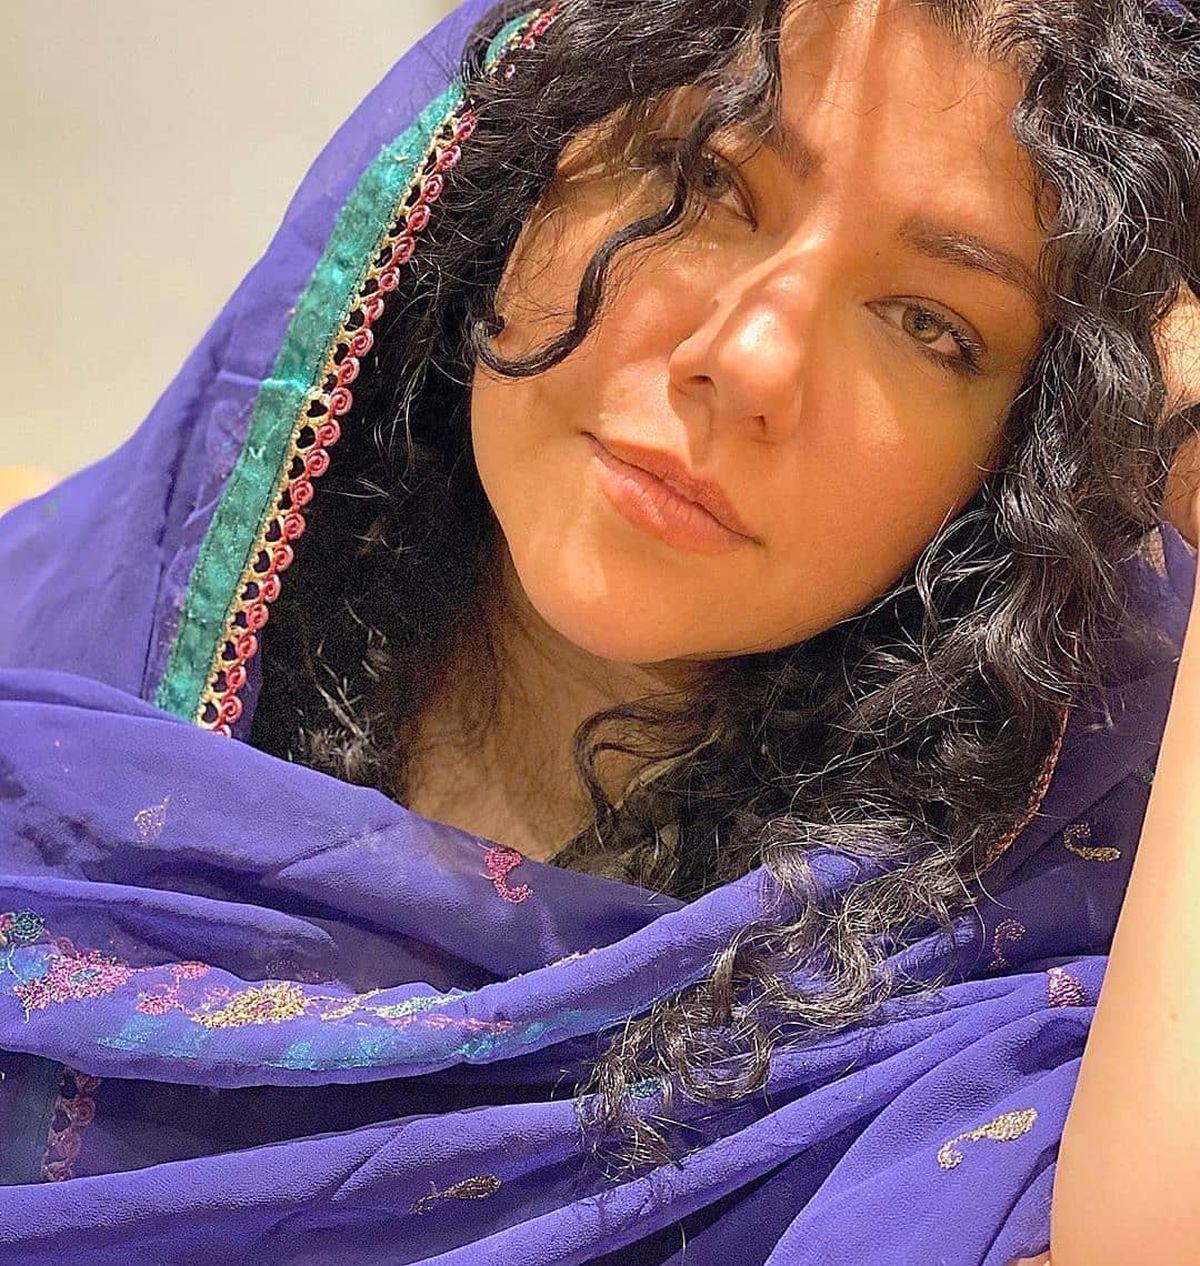 موهای فر و مشکی همسر شهاب حسینی +عکس